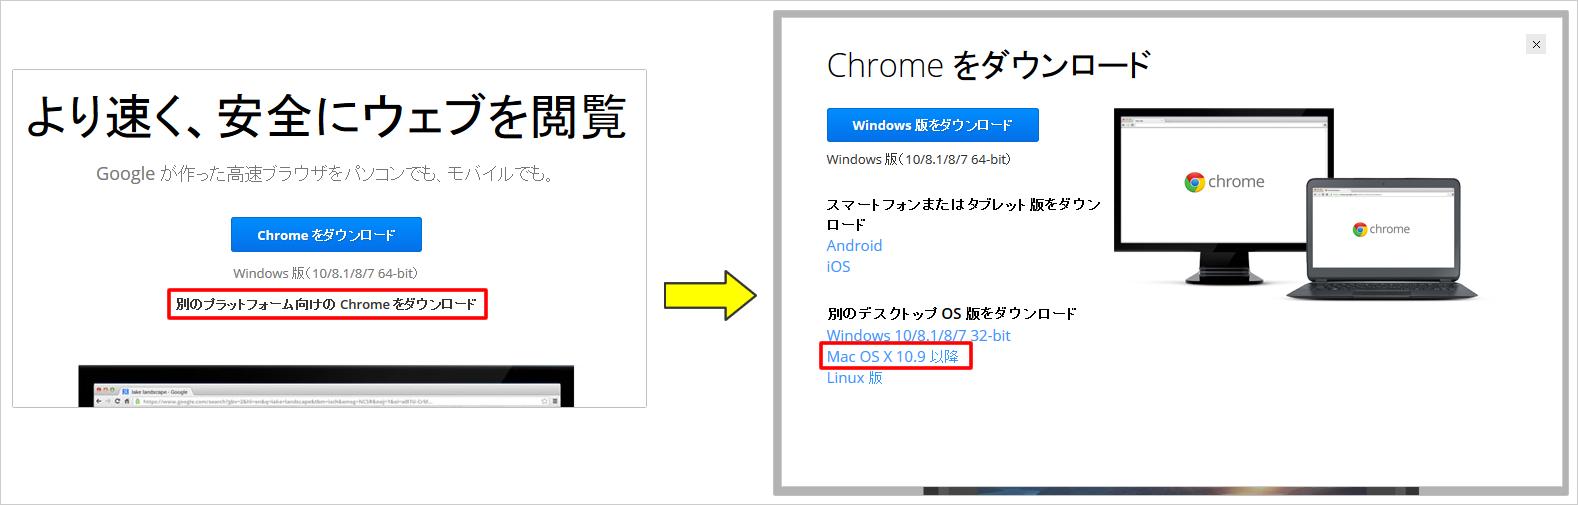 Google Chrome(グーグルクローム)のMac版について イメージ